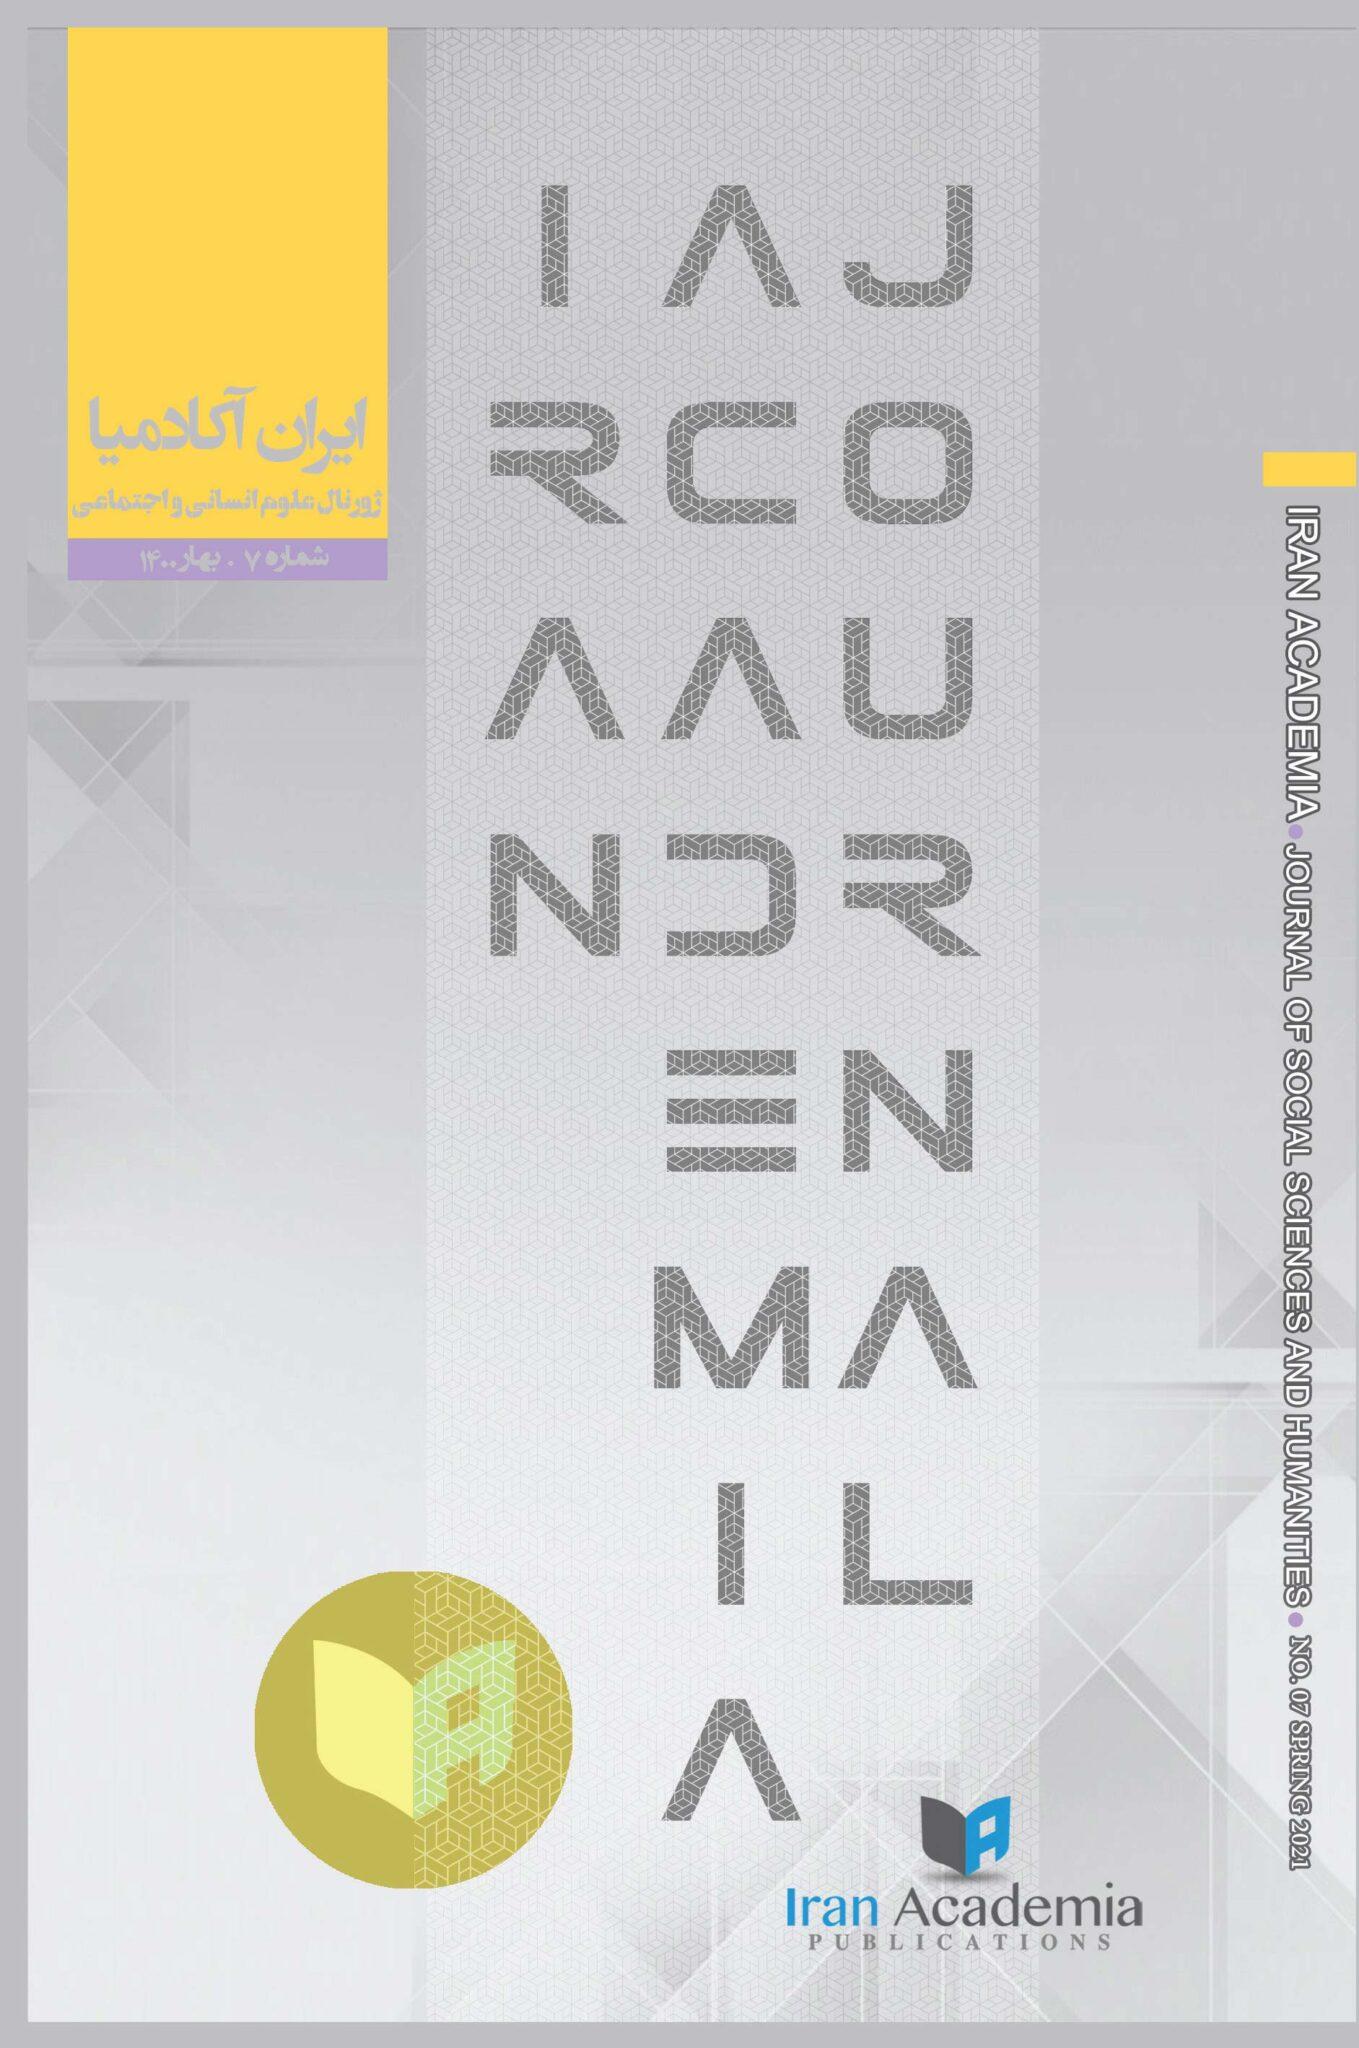 جلد هفتمین شماره ژورنال ایران آکادمیا